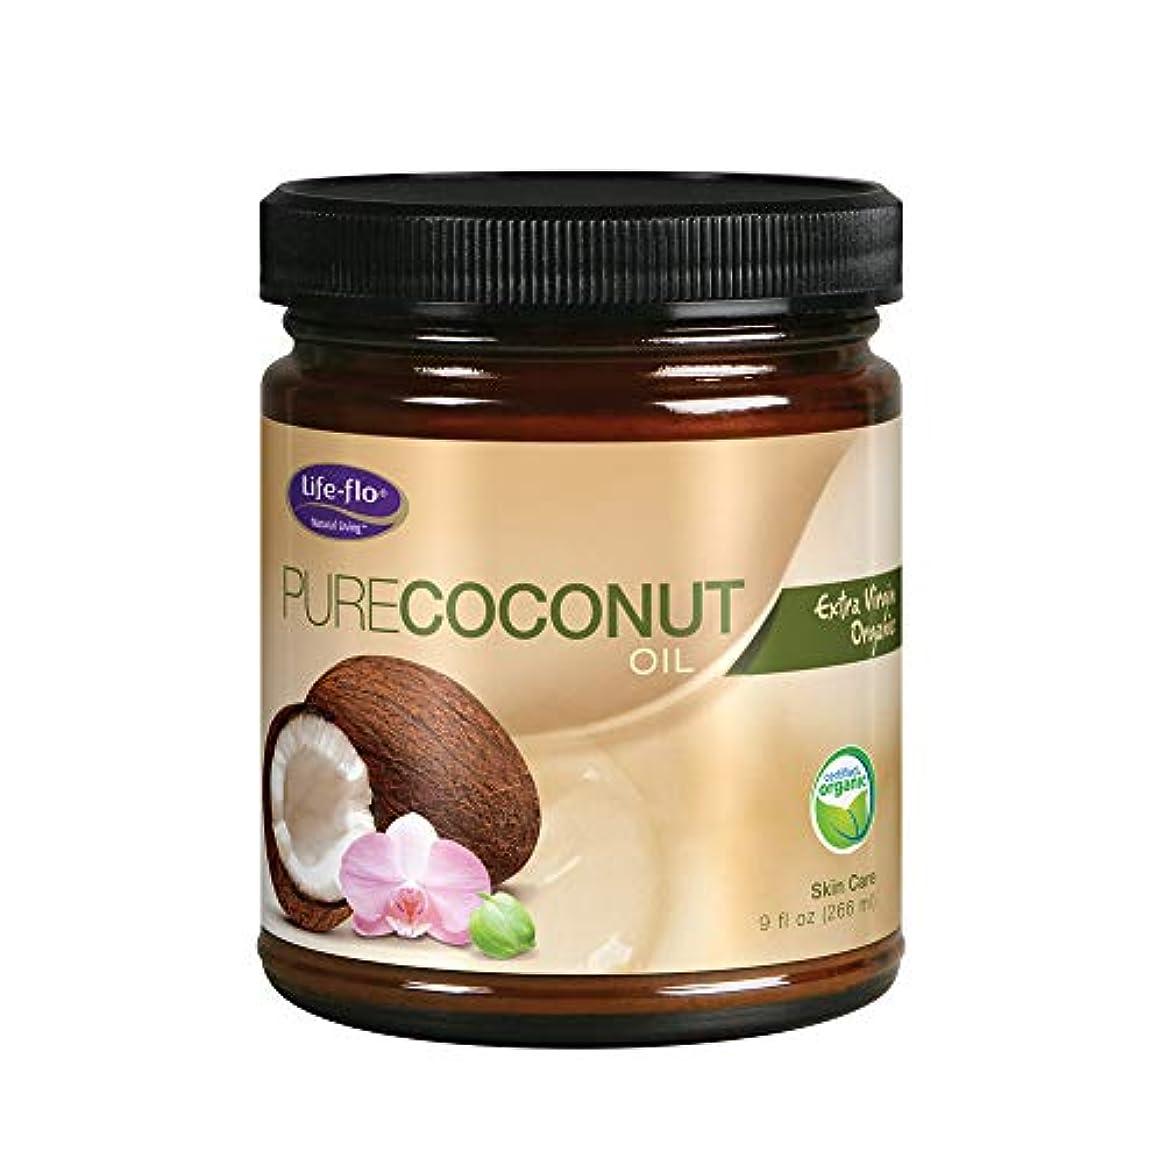 空中そよ風可聴海外直送品Life-Flo Pure Coconut Oil Organic Extra Virgin, 9 oz